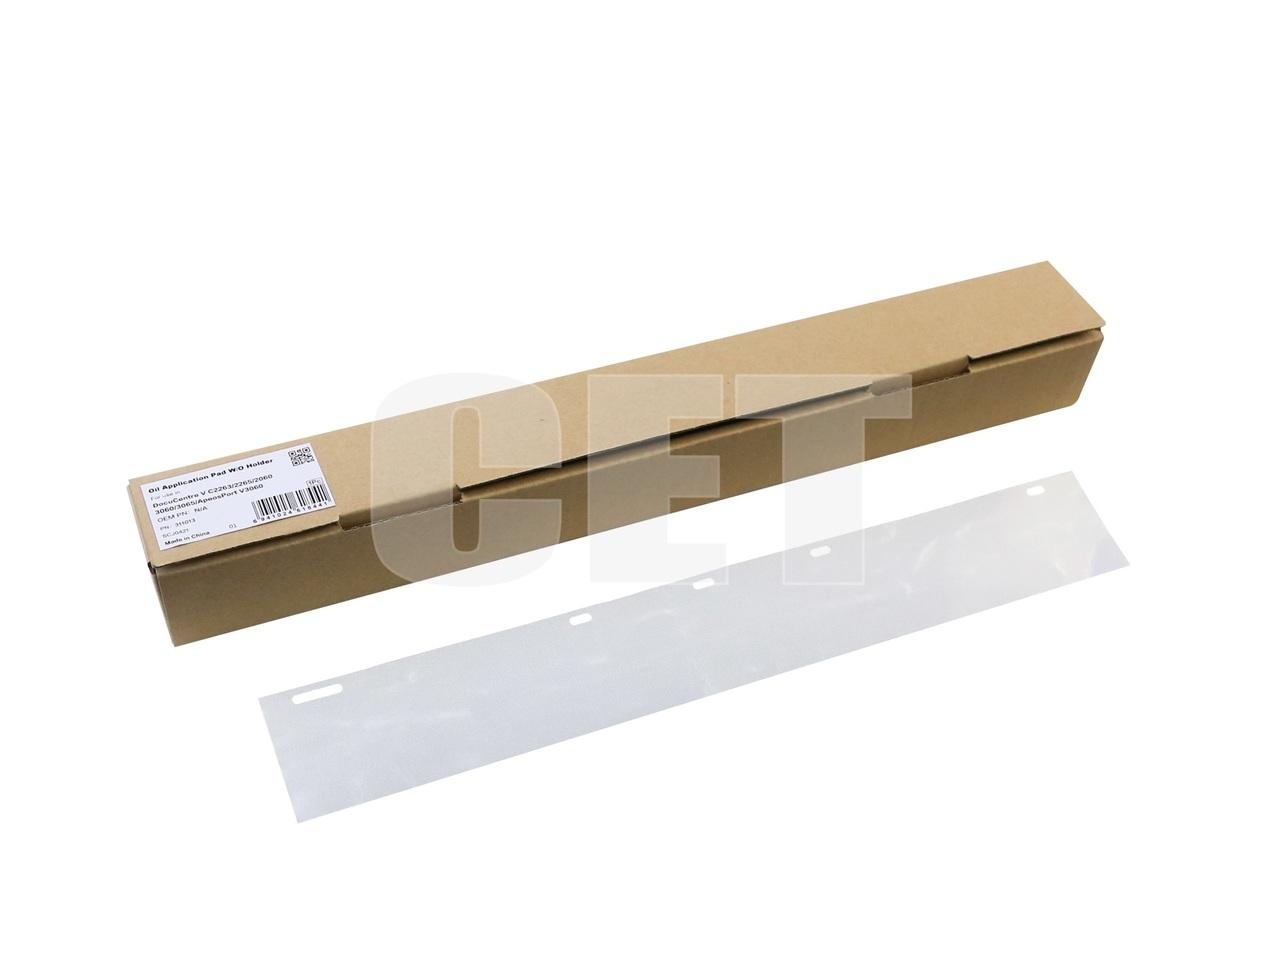 Тканевая накладка прижимной планки фьюзера для XEROXVersaLink B7025/7030, C7020/7030 (CET), CET311013